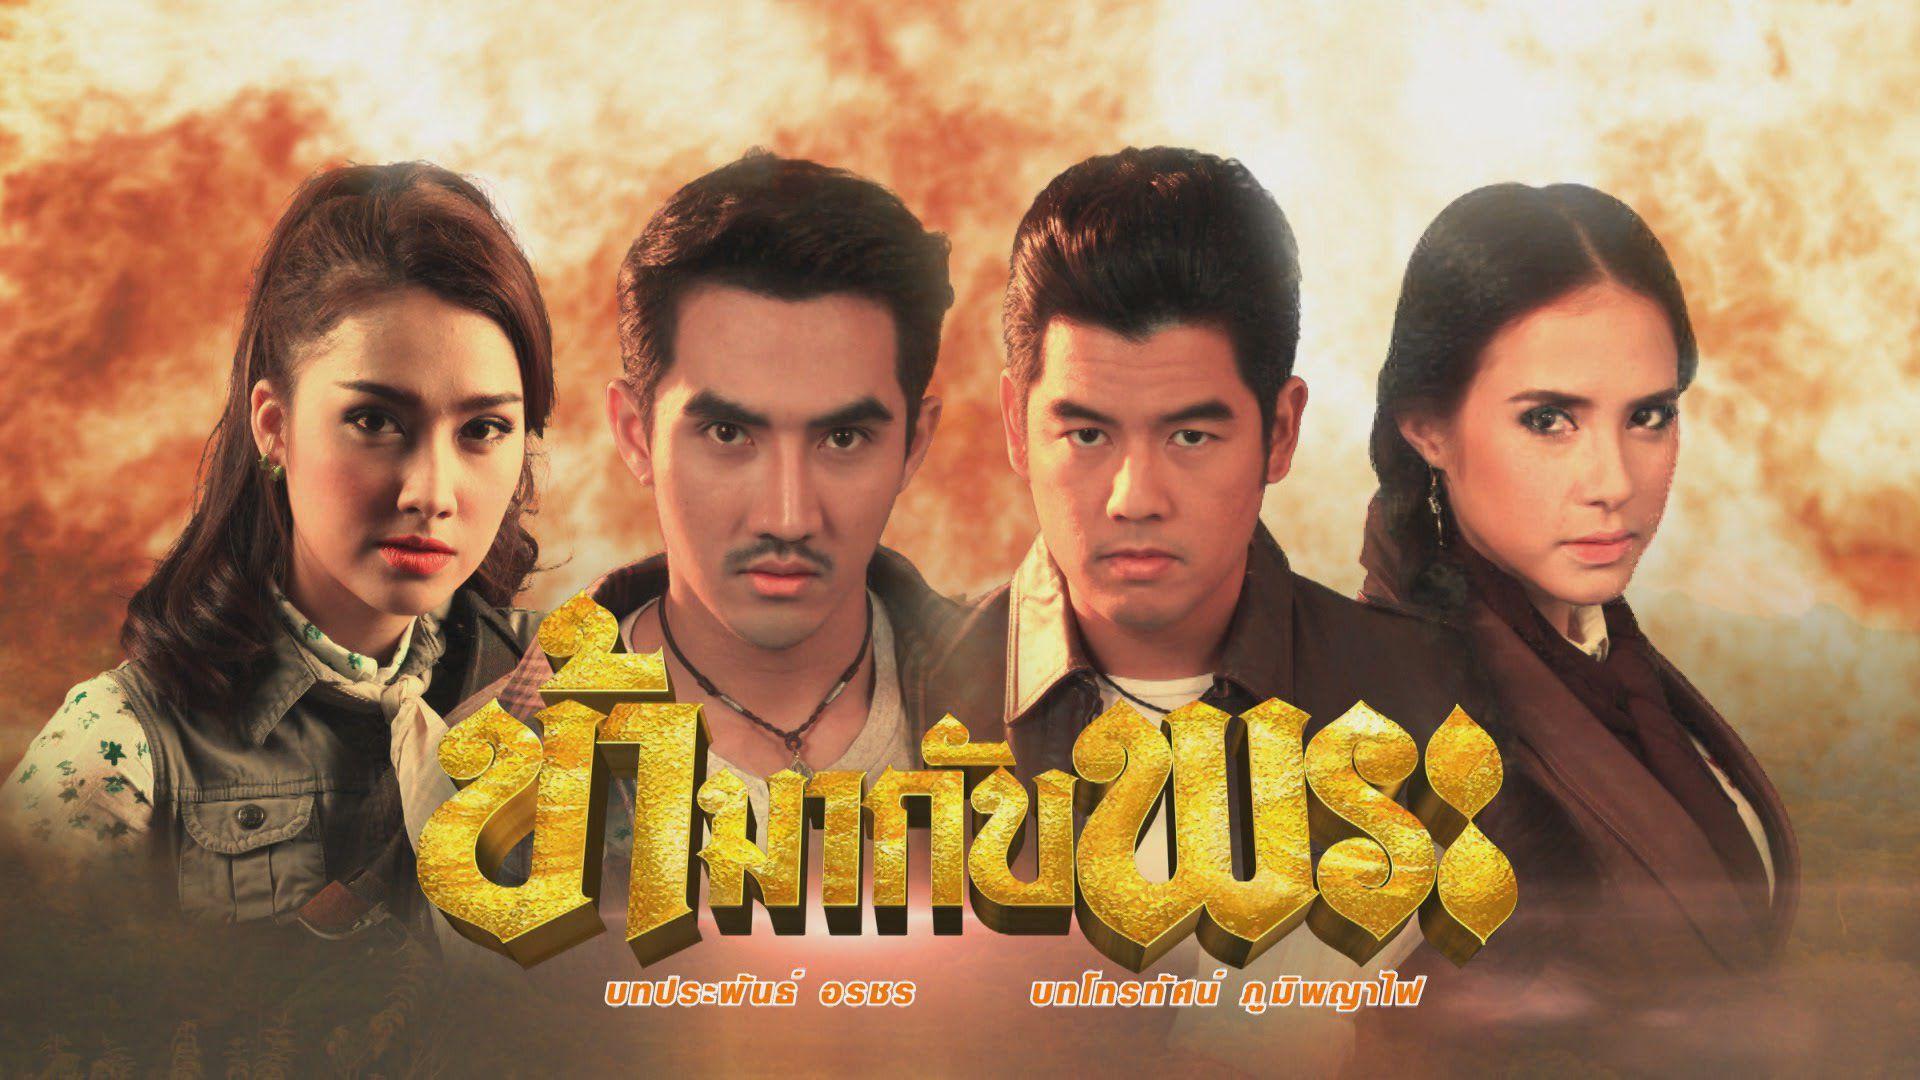 12 bộ phim truyền hình Thái Lan có lượt xem nhiều nhất từ 2015 đến nay (2)